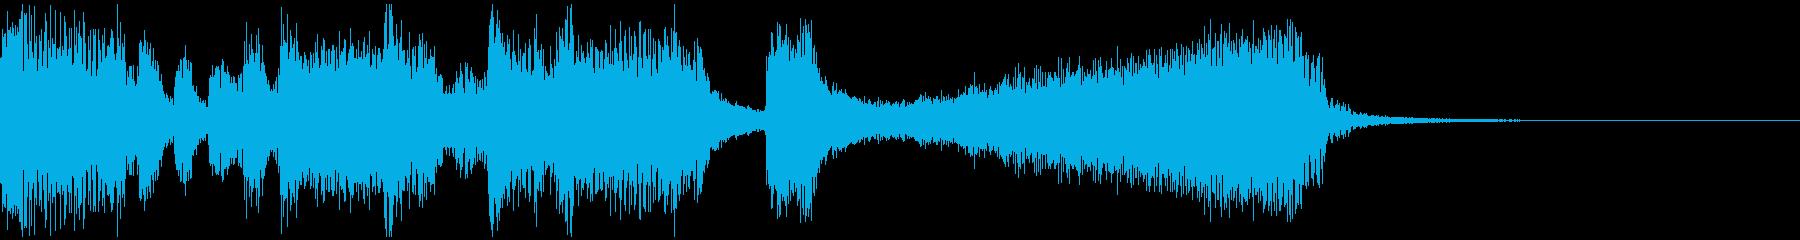 ゲーム等のリザルト画面用BGMの再生済みの波形